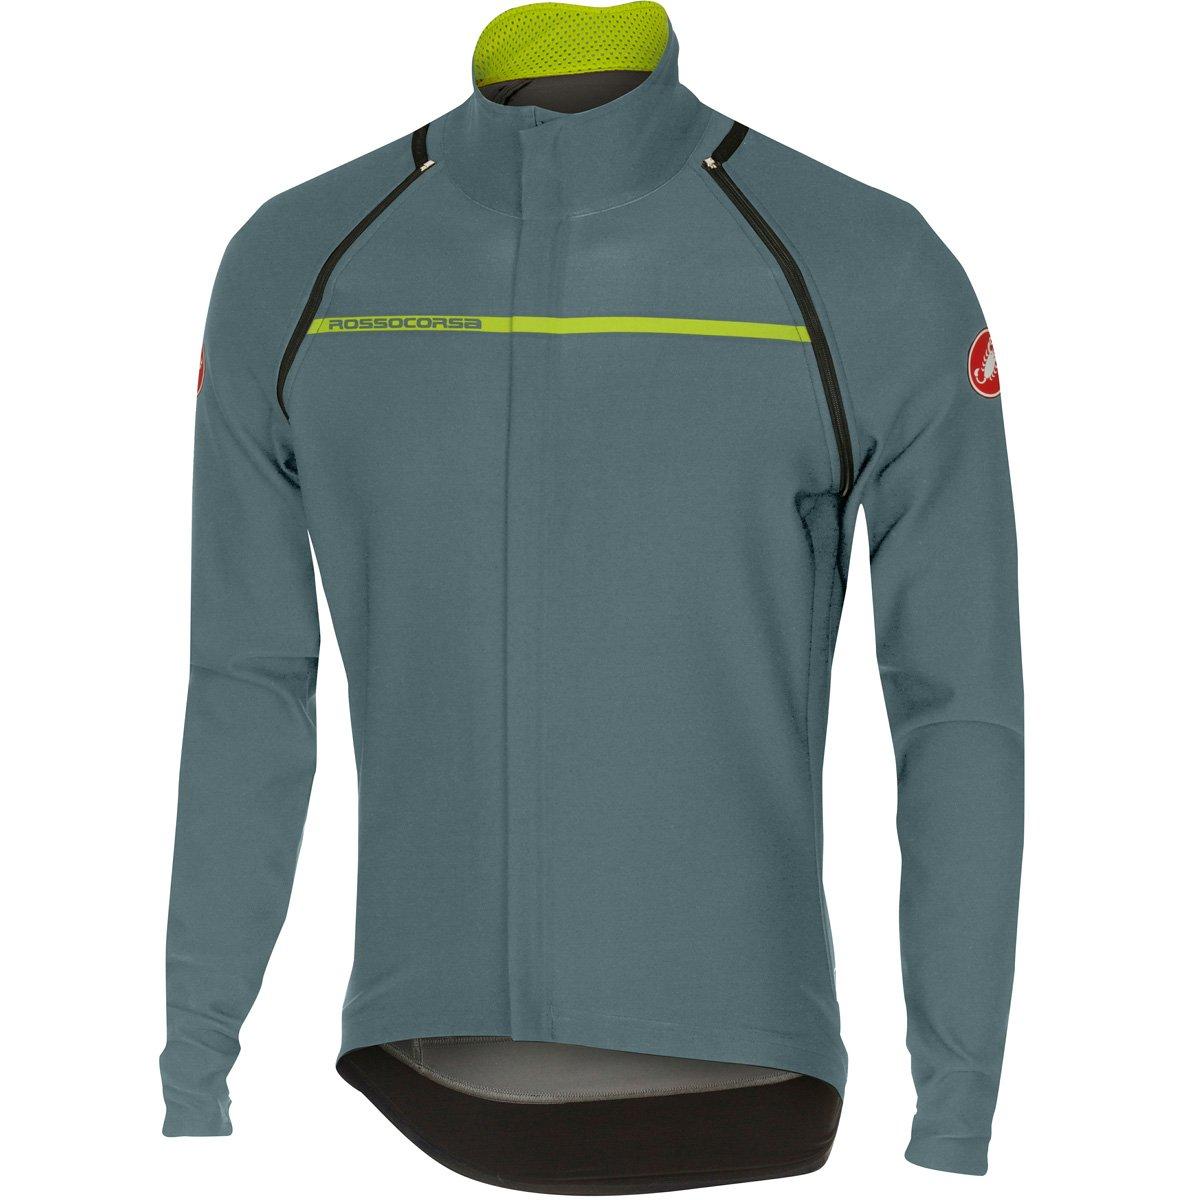 CastelliメンズPerfetto Convertible Cycling Jacket B01L2XOI8S X-Large|Mirage Mirage X-Large